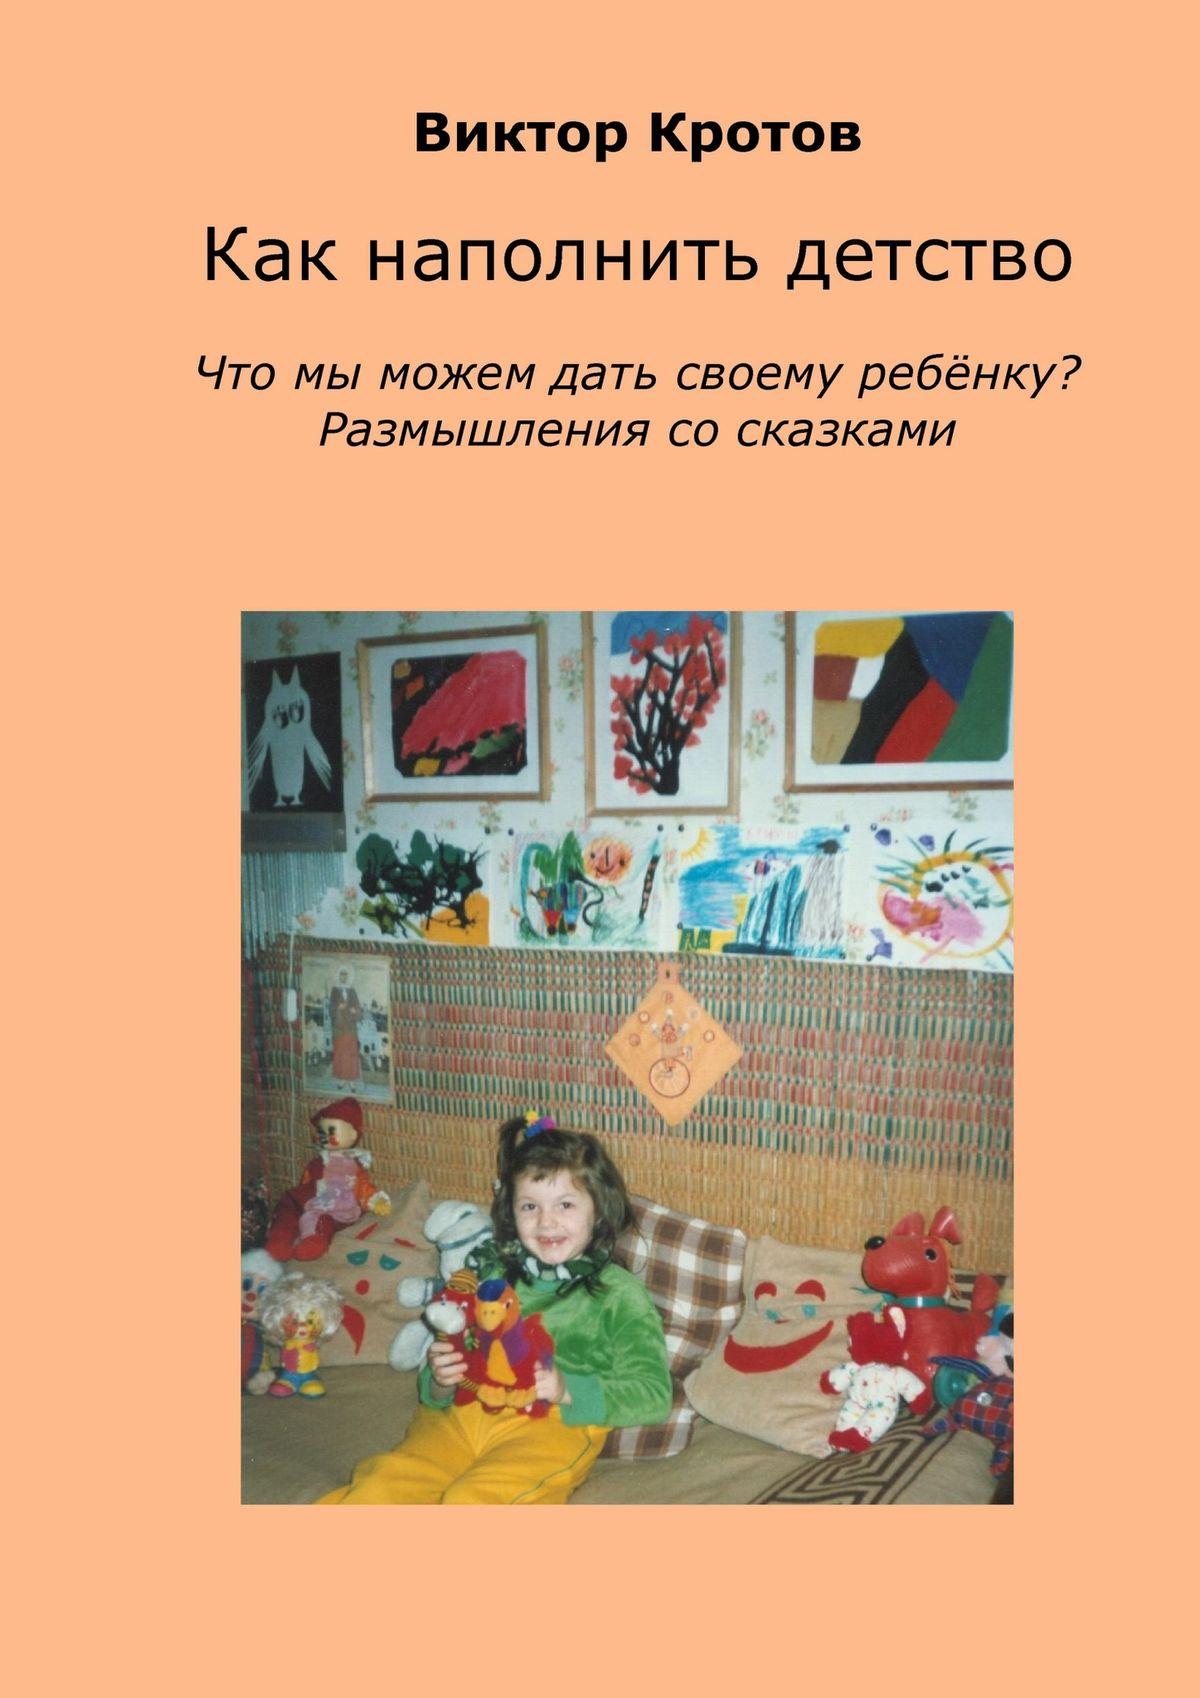 Виктор Кротов Как наполнить детство. Что мы можем дать своему ребёнку? Размышления со сказками